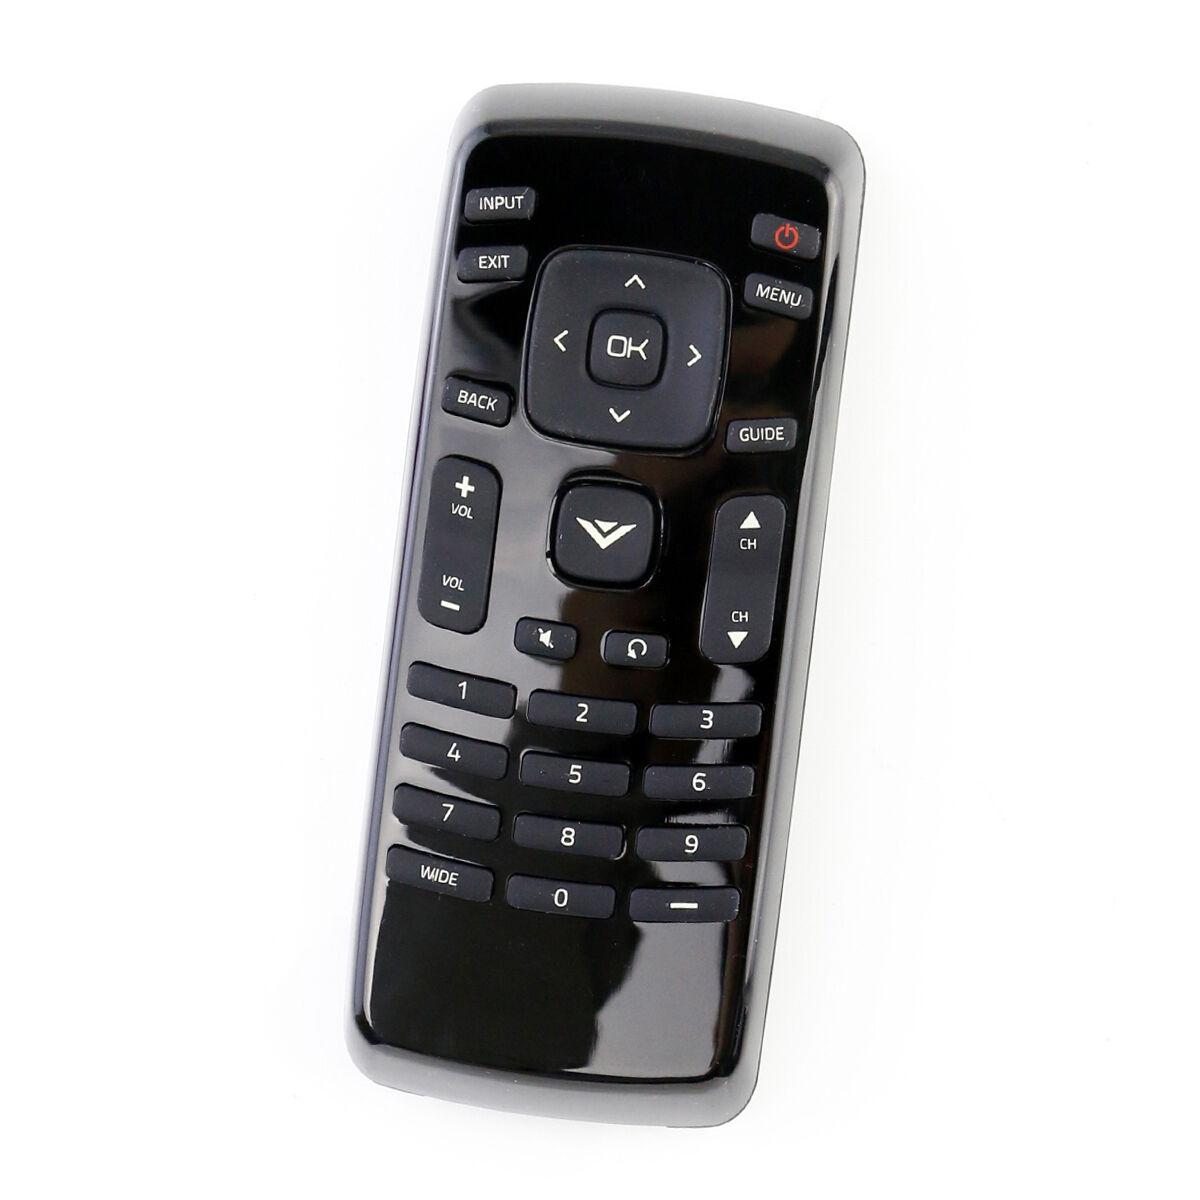 New XRT020 Remote Control Fit Vizio TV E241-A1 E291-A1 E221-